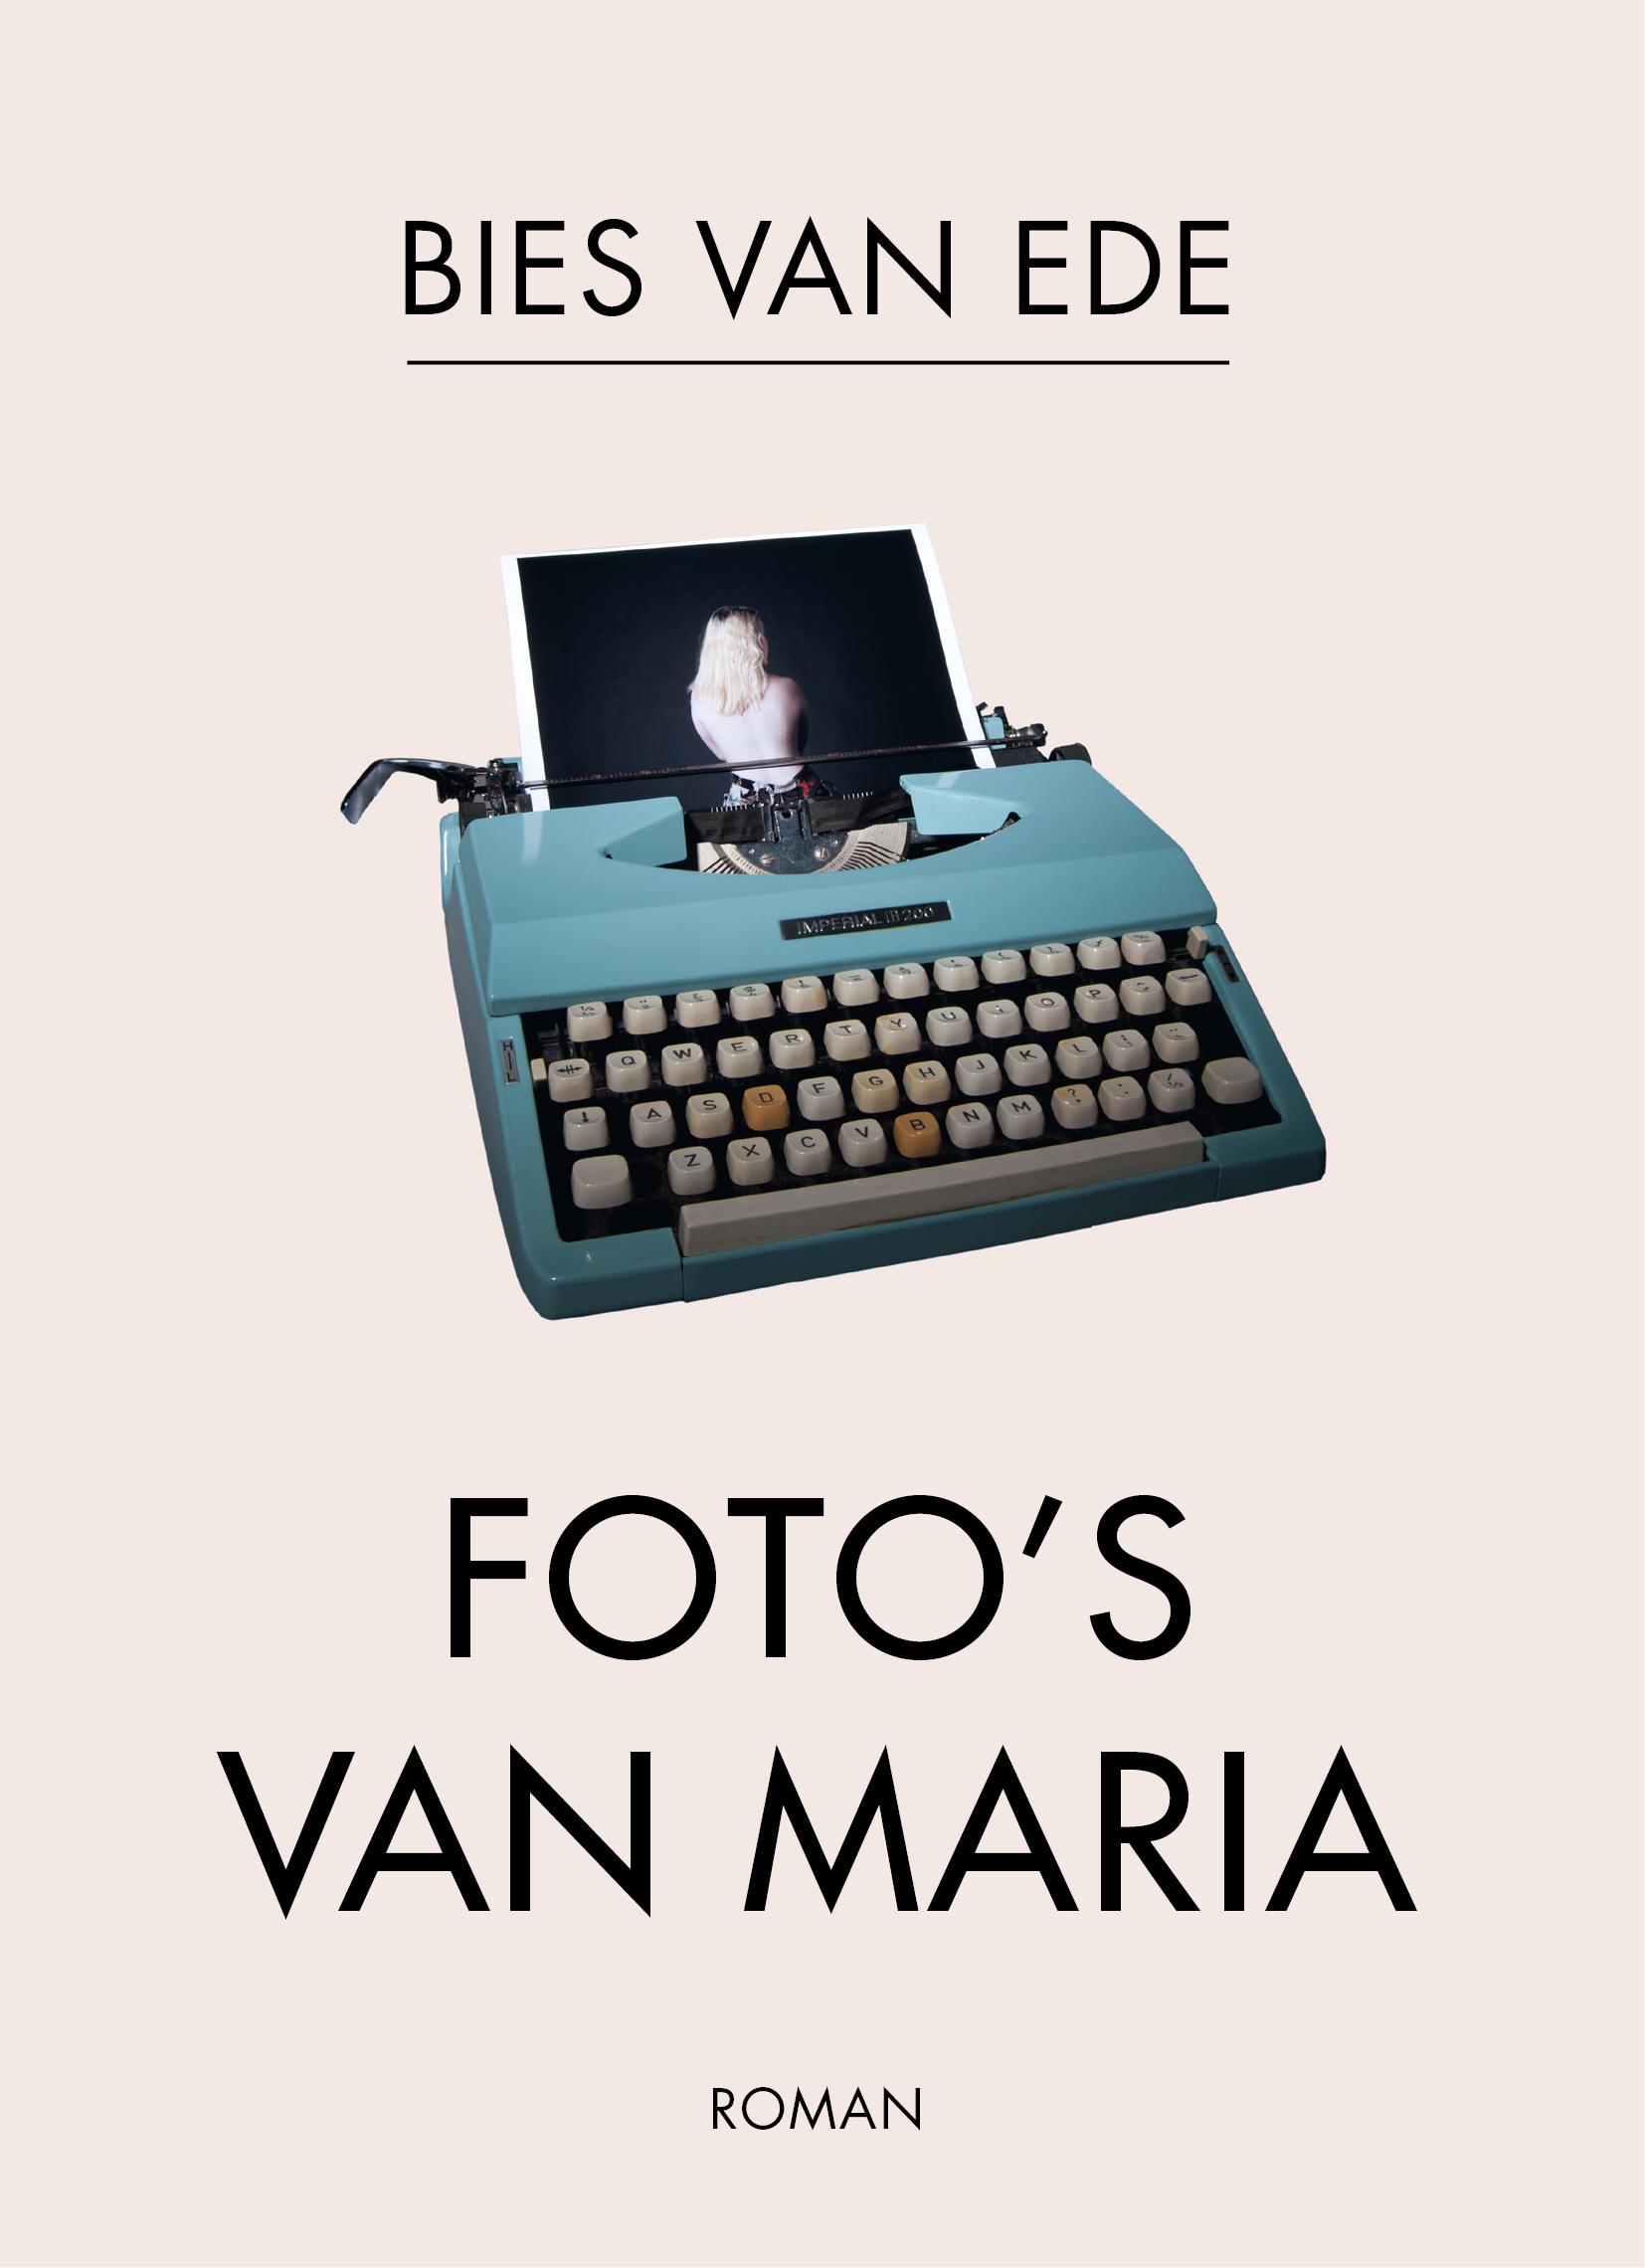 FOTO'S VAN MARIABIES VAN EDE